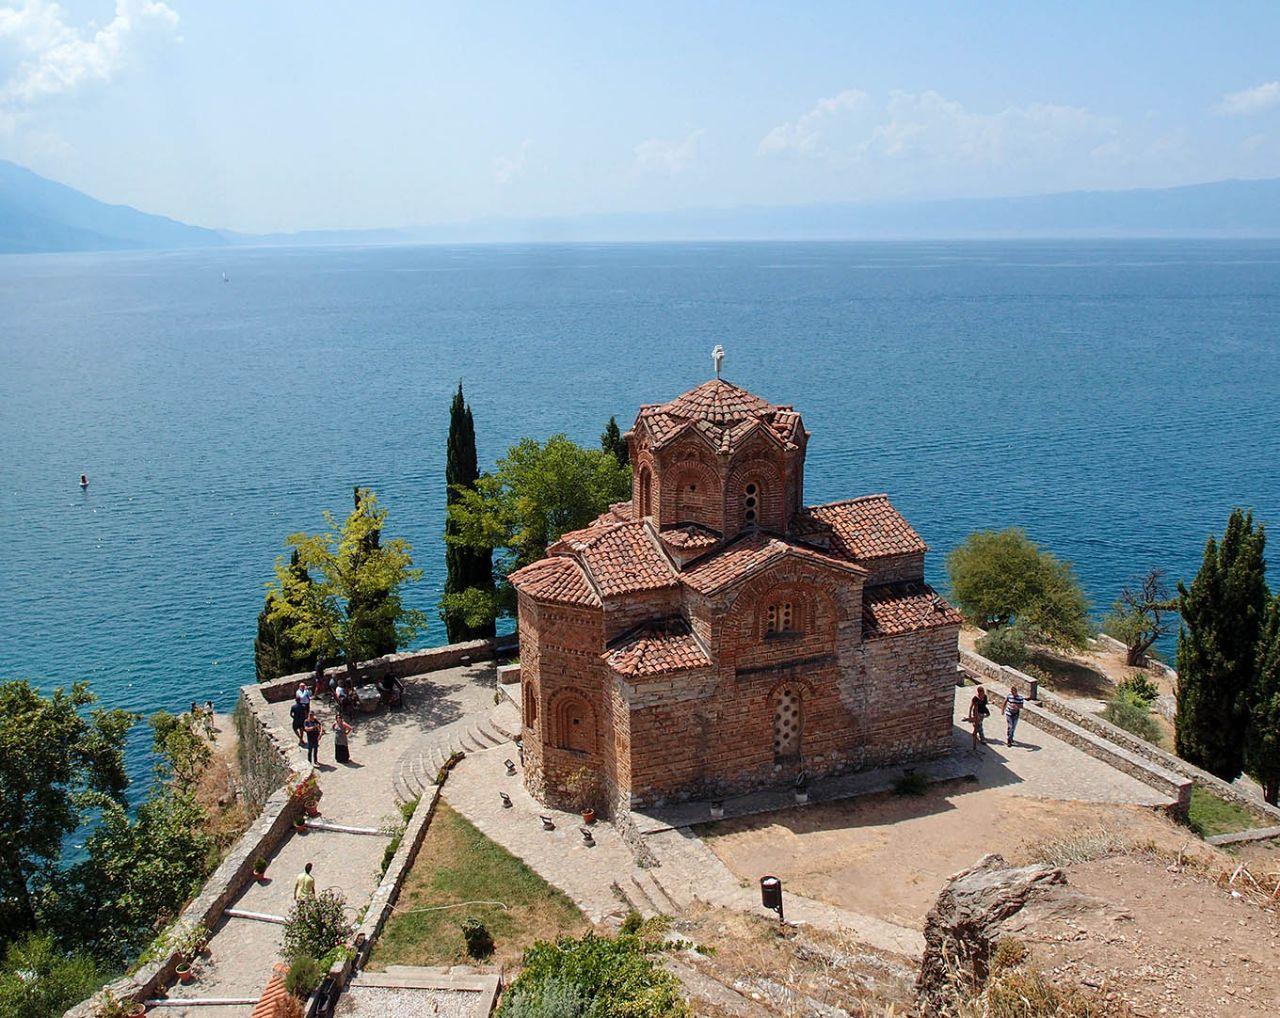 магазиномза прозрачной туры в македонию фото сегодня лишь